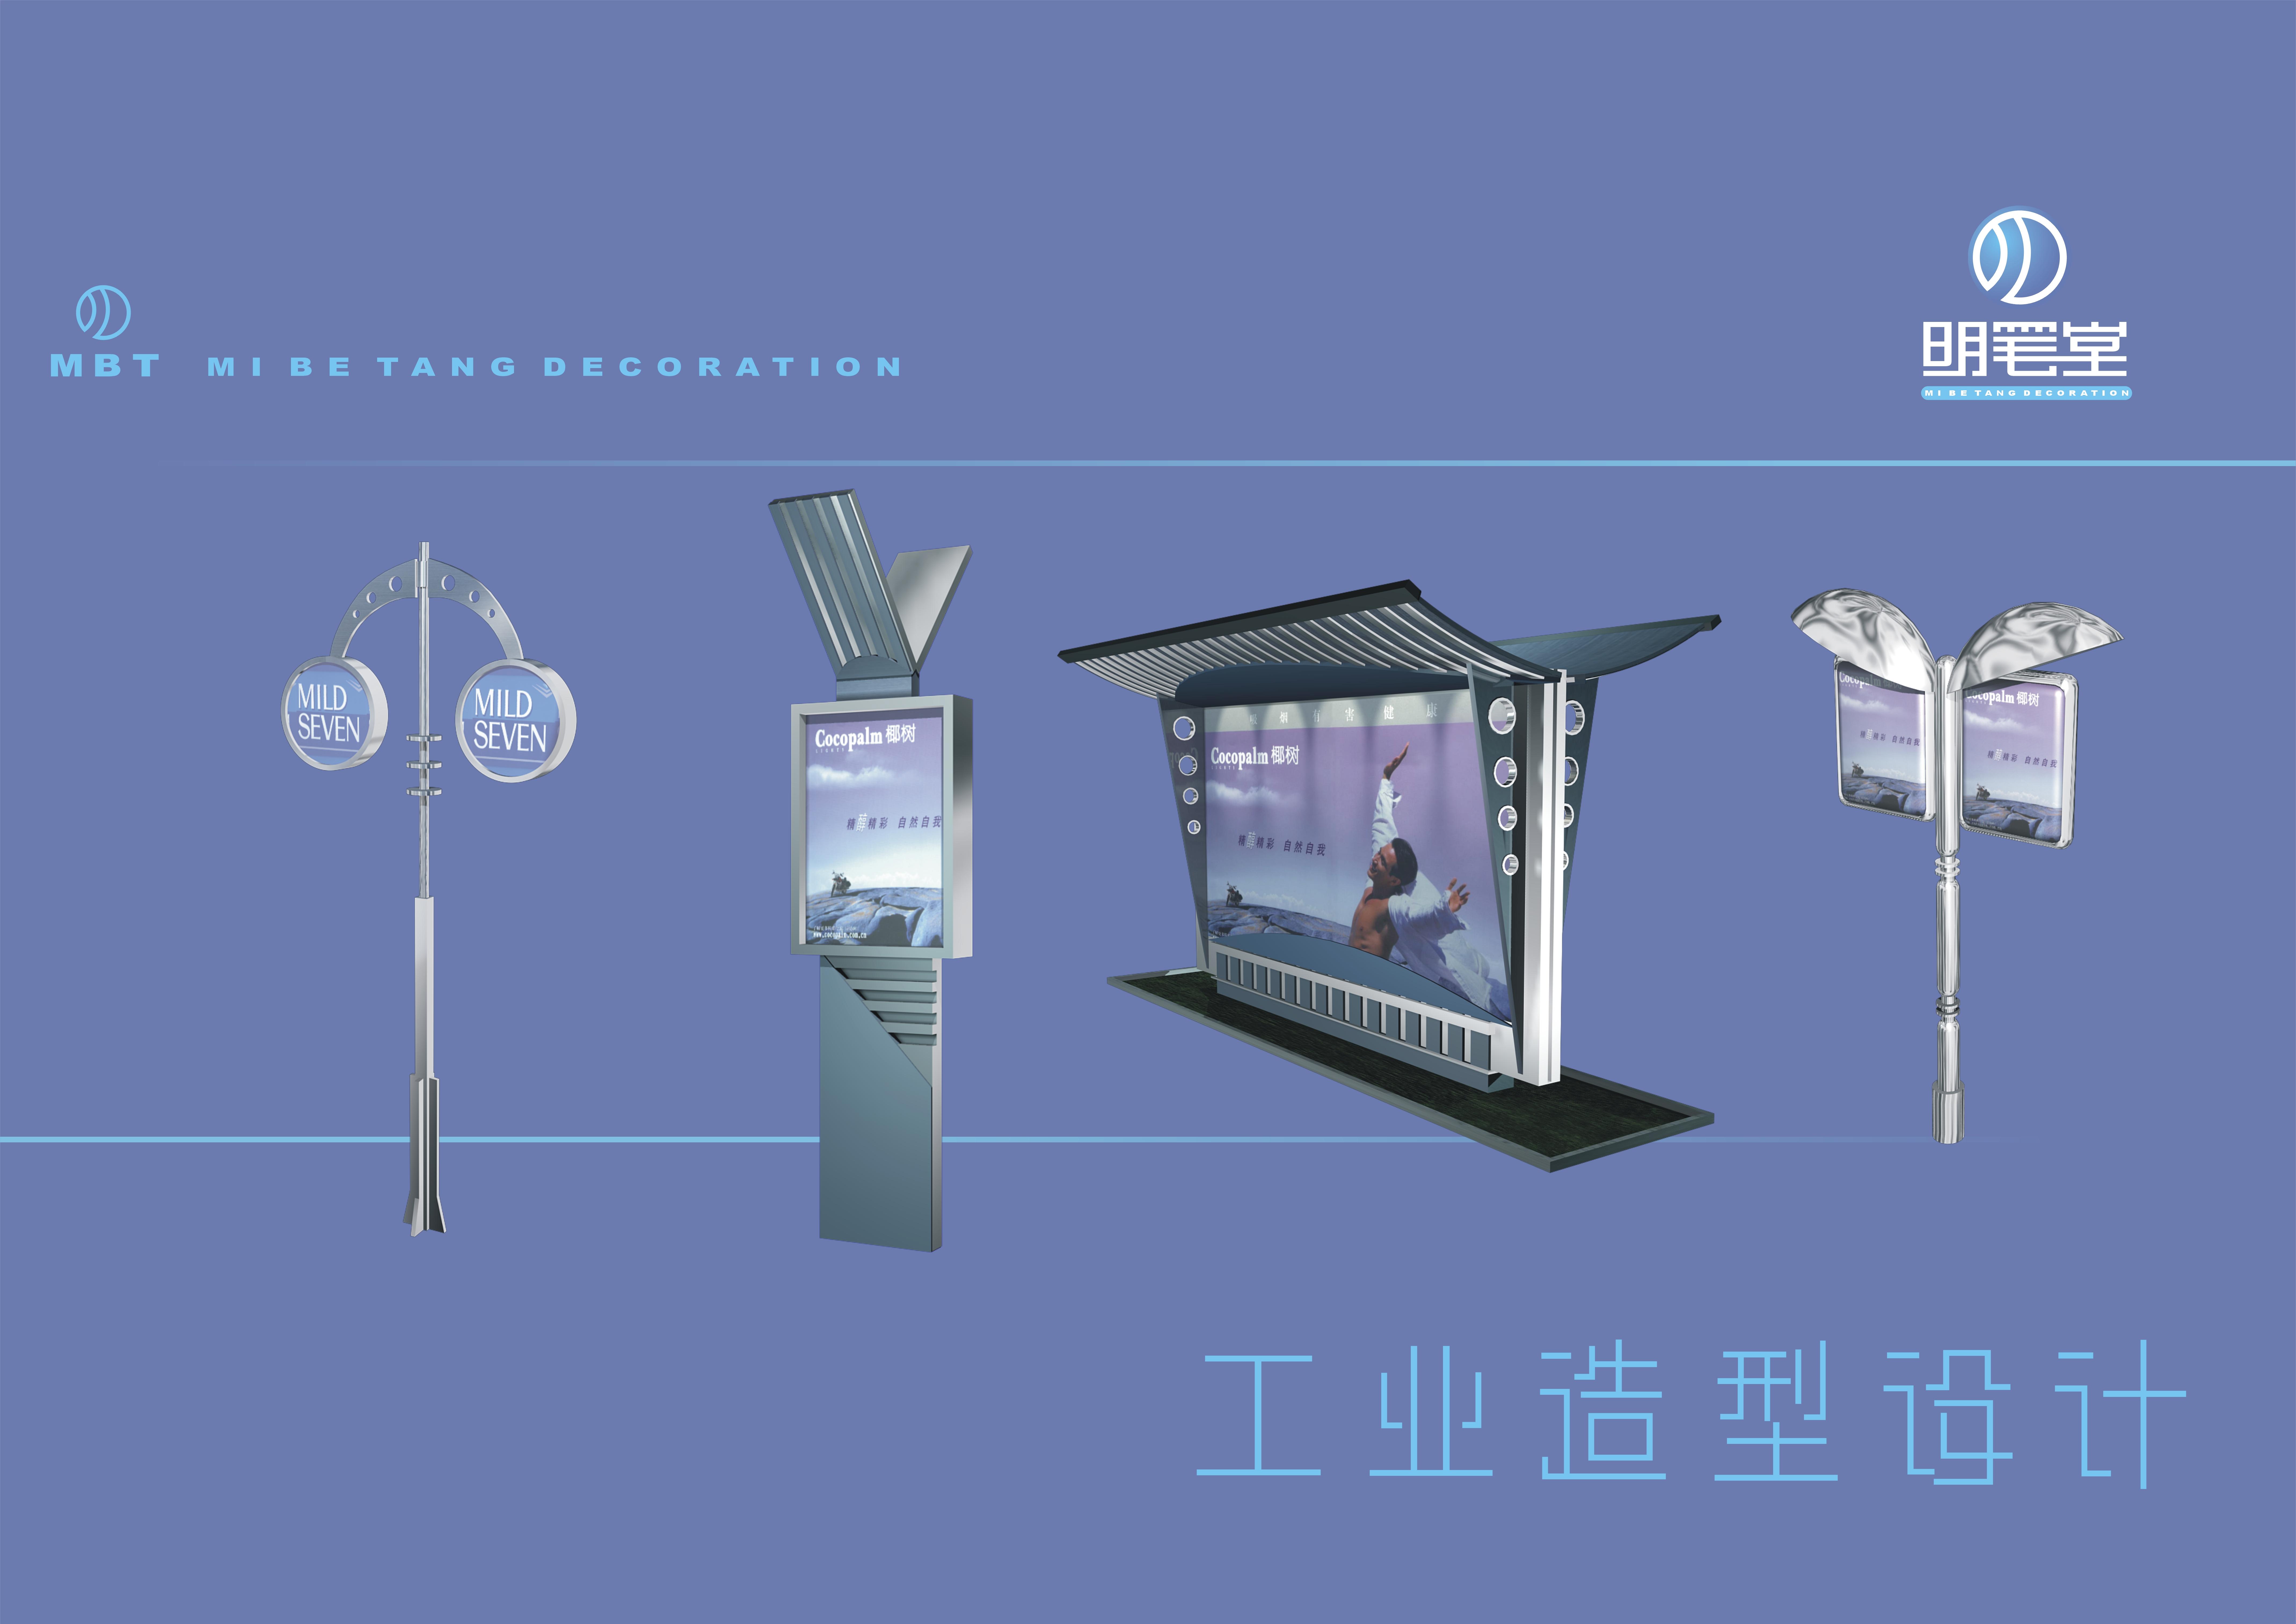 市政项目设备造型设计路灯灯箱候车厅广告牌设计家具展架展柜设计